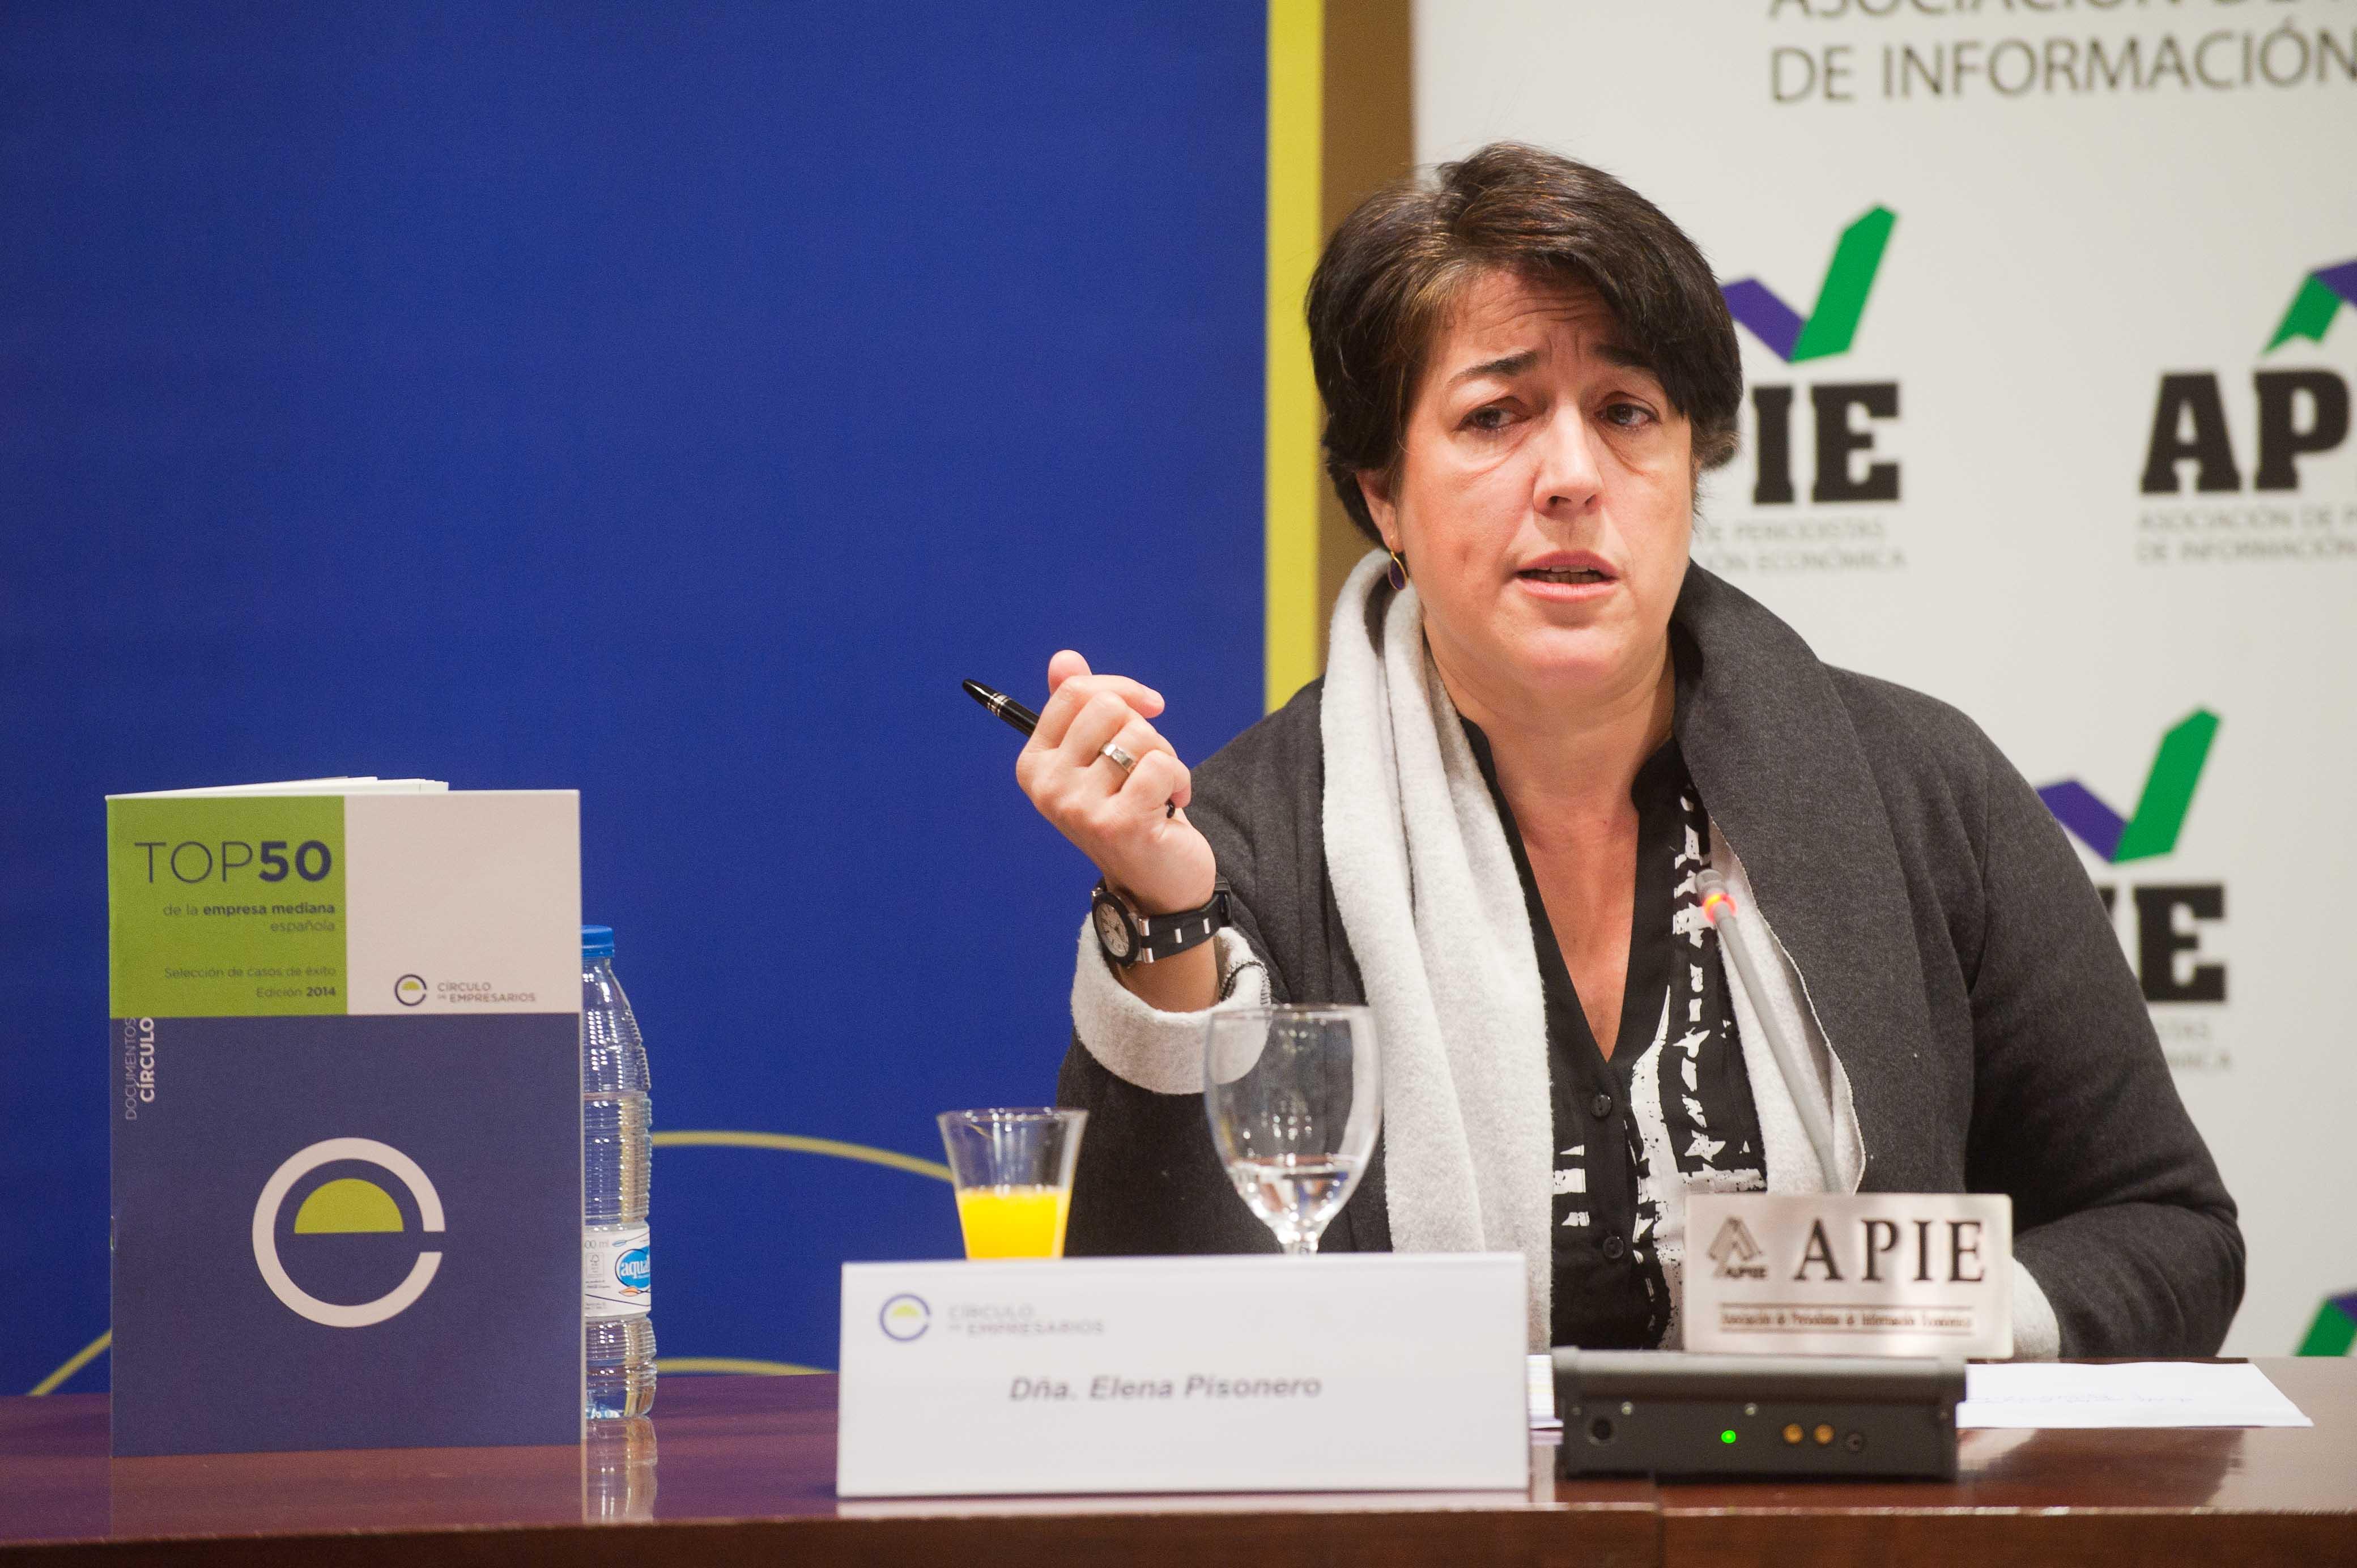 Elena Pisonero, Presidenta de Hispasat y Directora del Proyecto Top 50 de la Empresa Mediana Española, en un momento de la presentación.